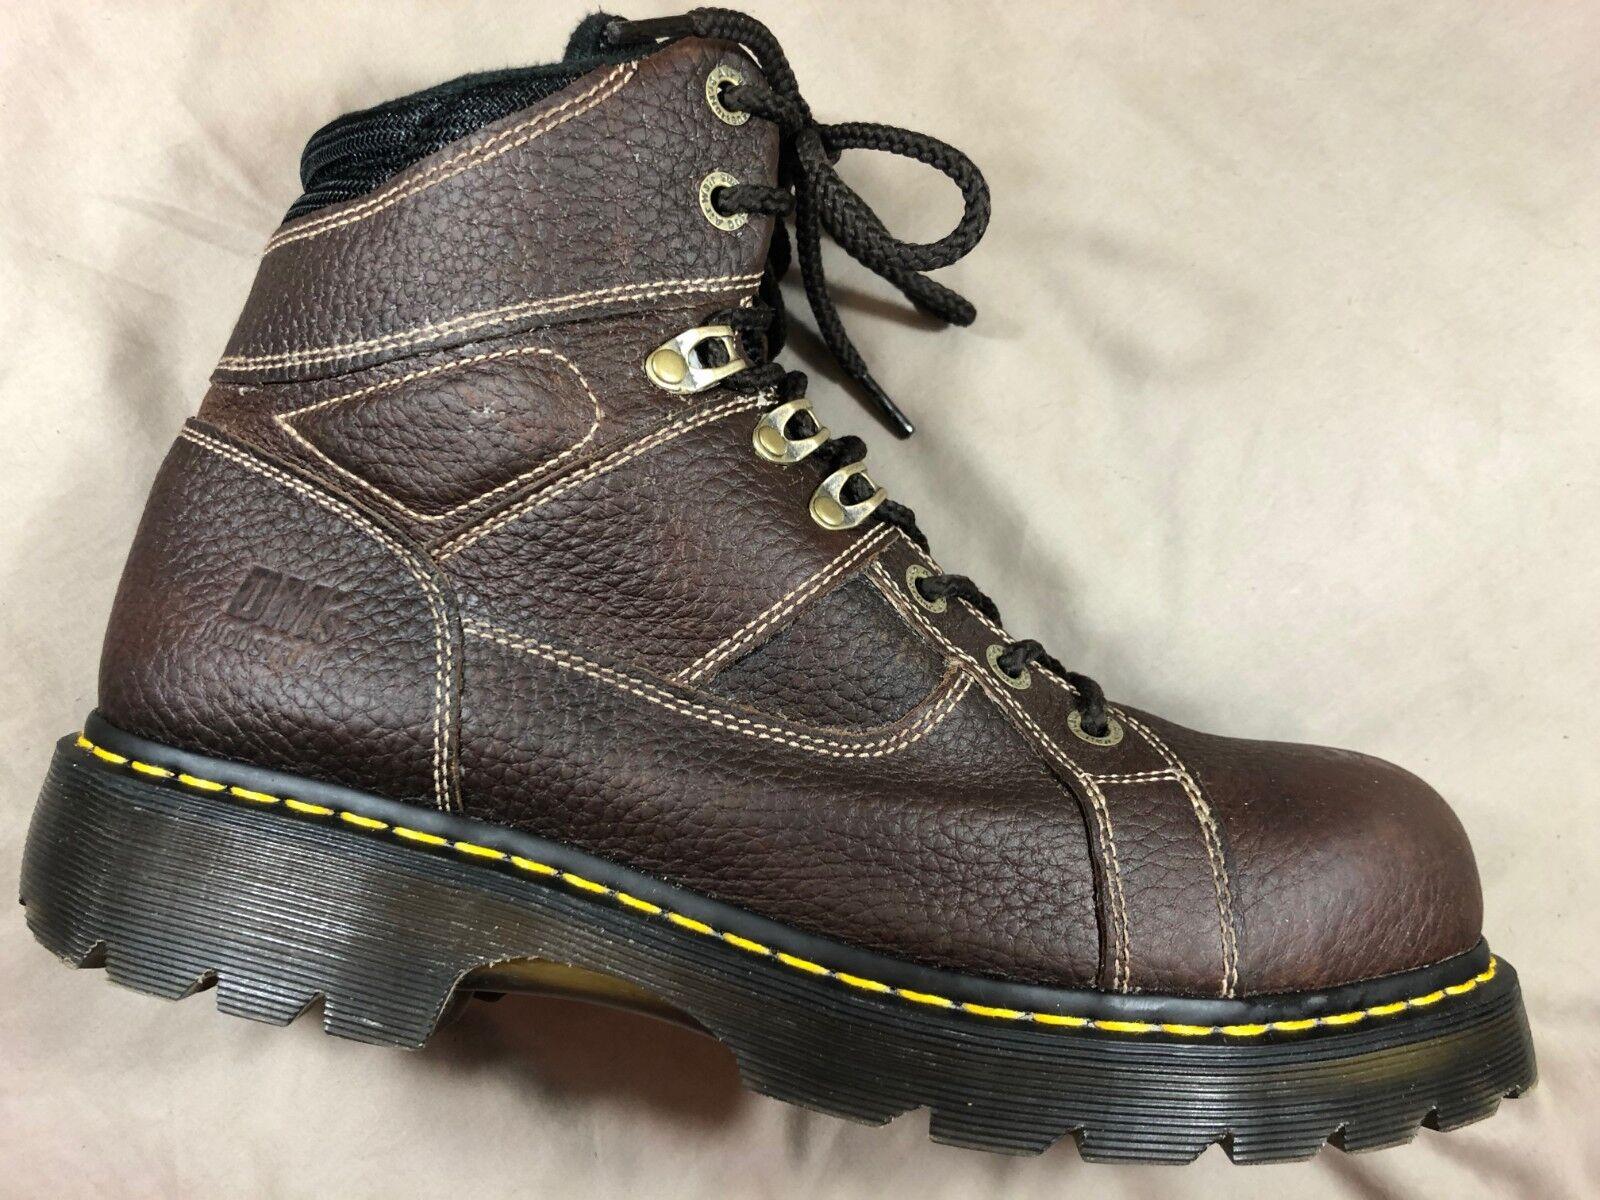 Dr. Martens Ironbridge Marronee Grain Leather Steel  Toe Lace Up Work stivali Men's 13  economico in alta qualità